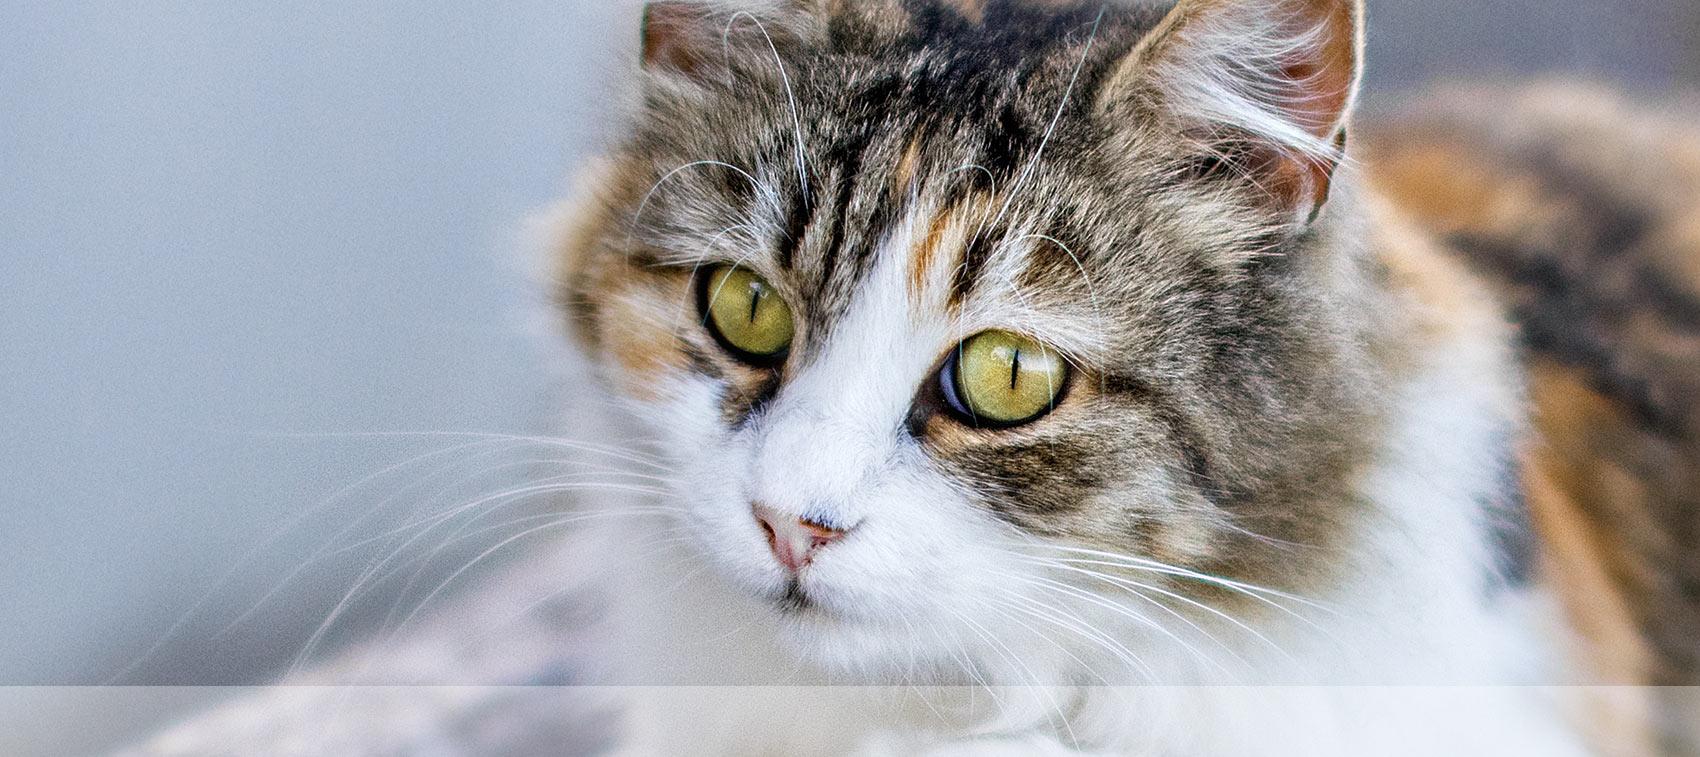 Veterinary Services in Tulare CA